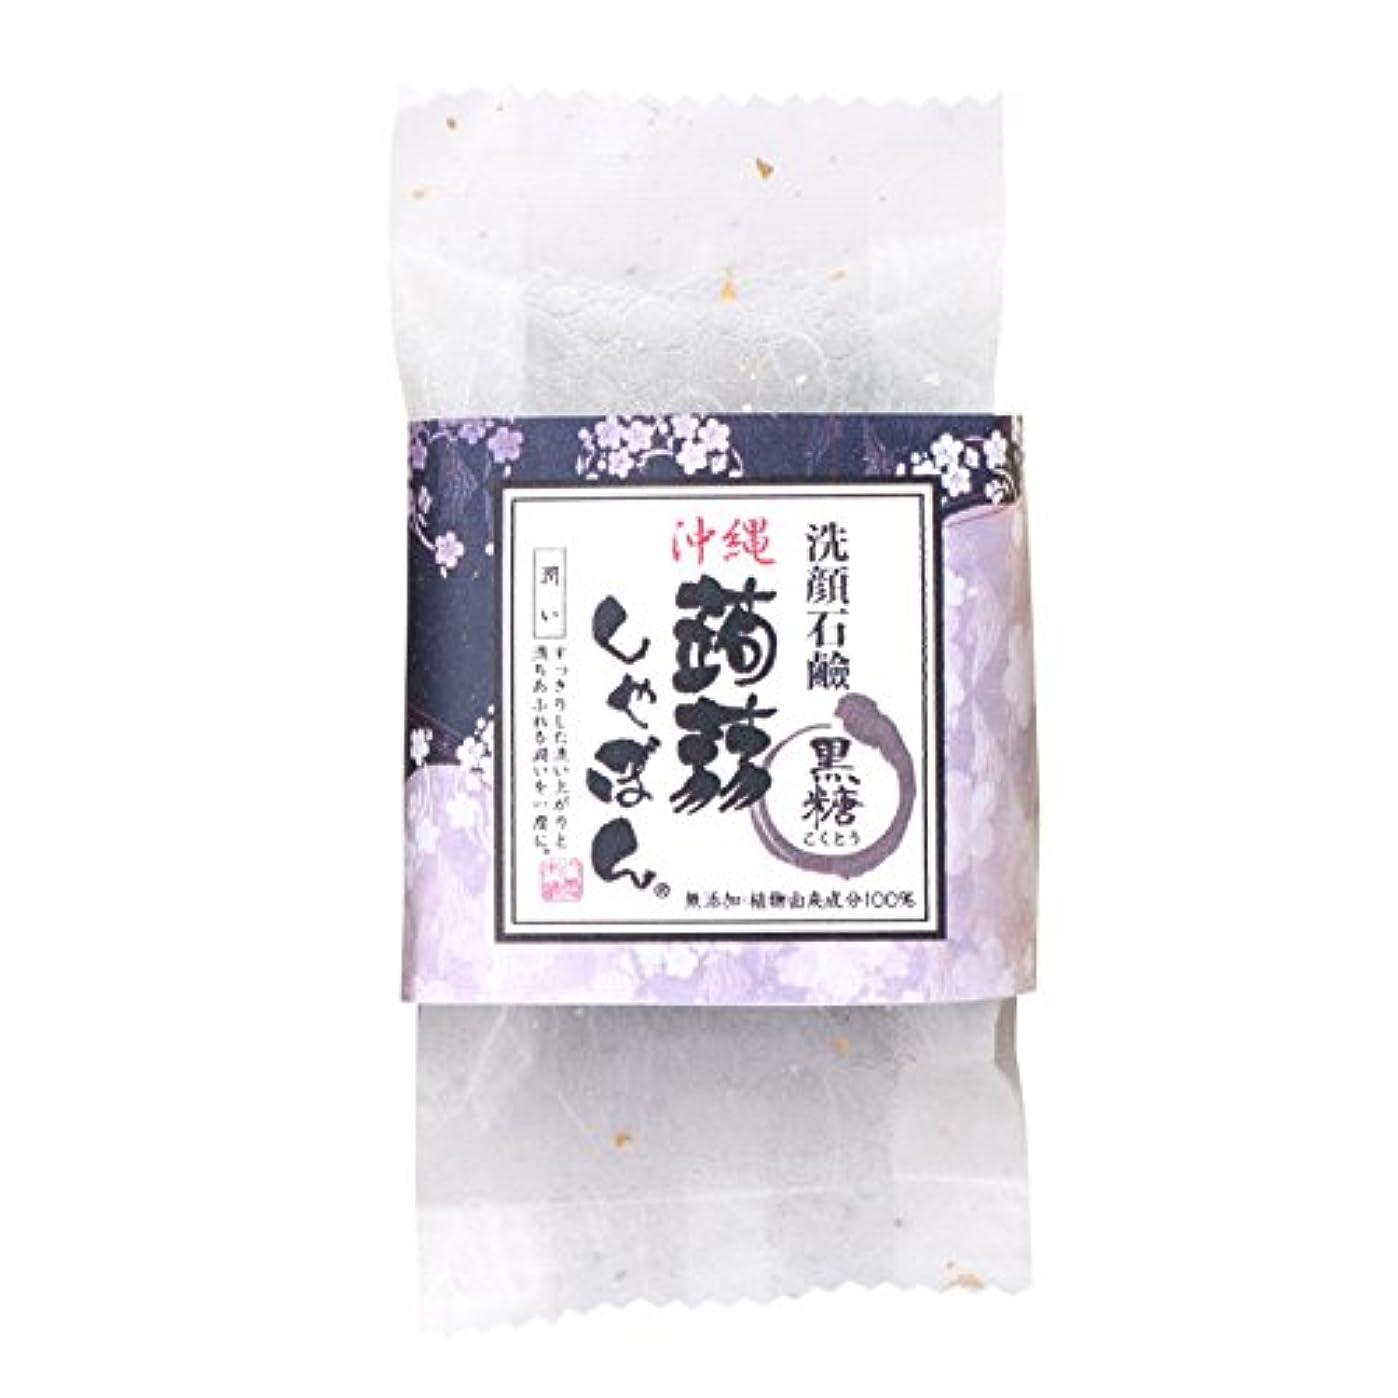 大事にする不運電池蒟蒻しゃぼん沖縄 黒糖(こくとう)